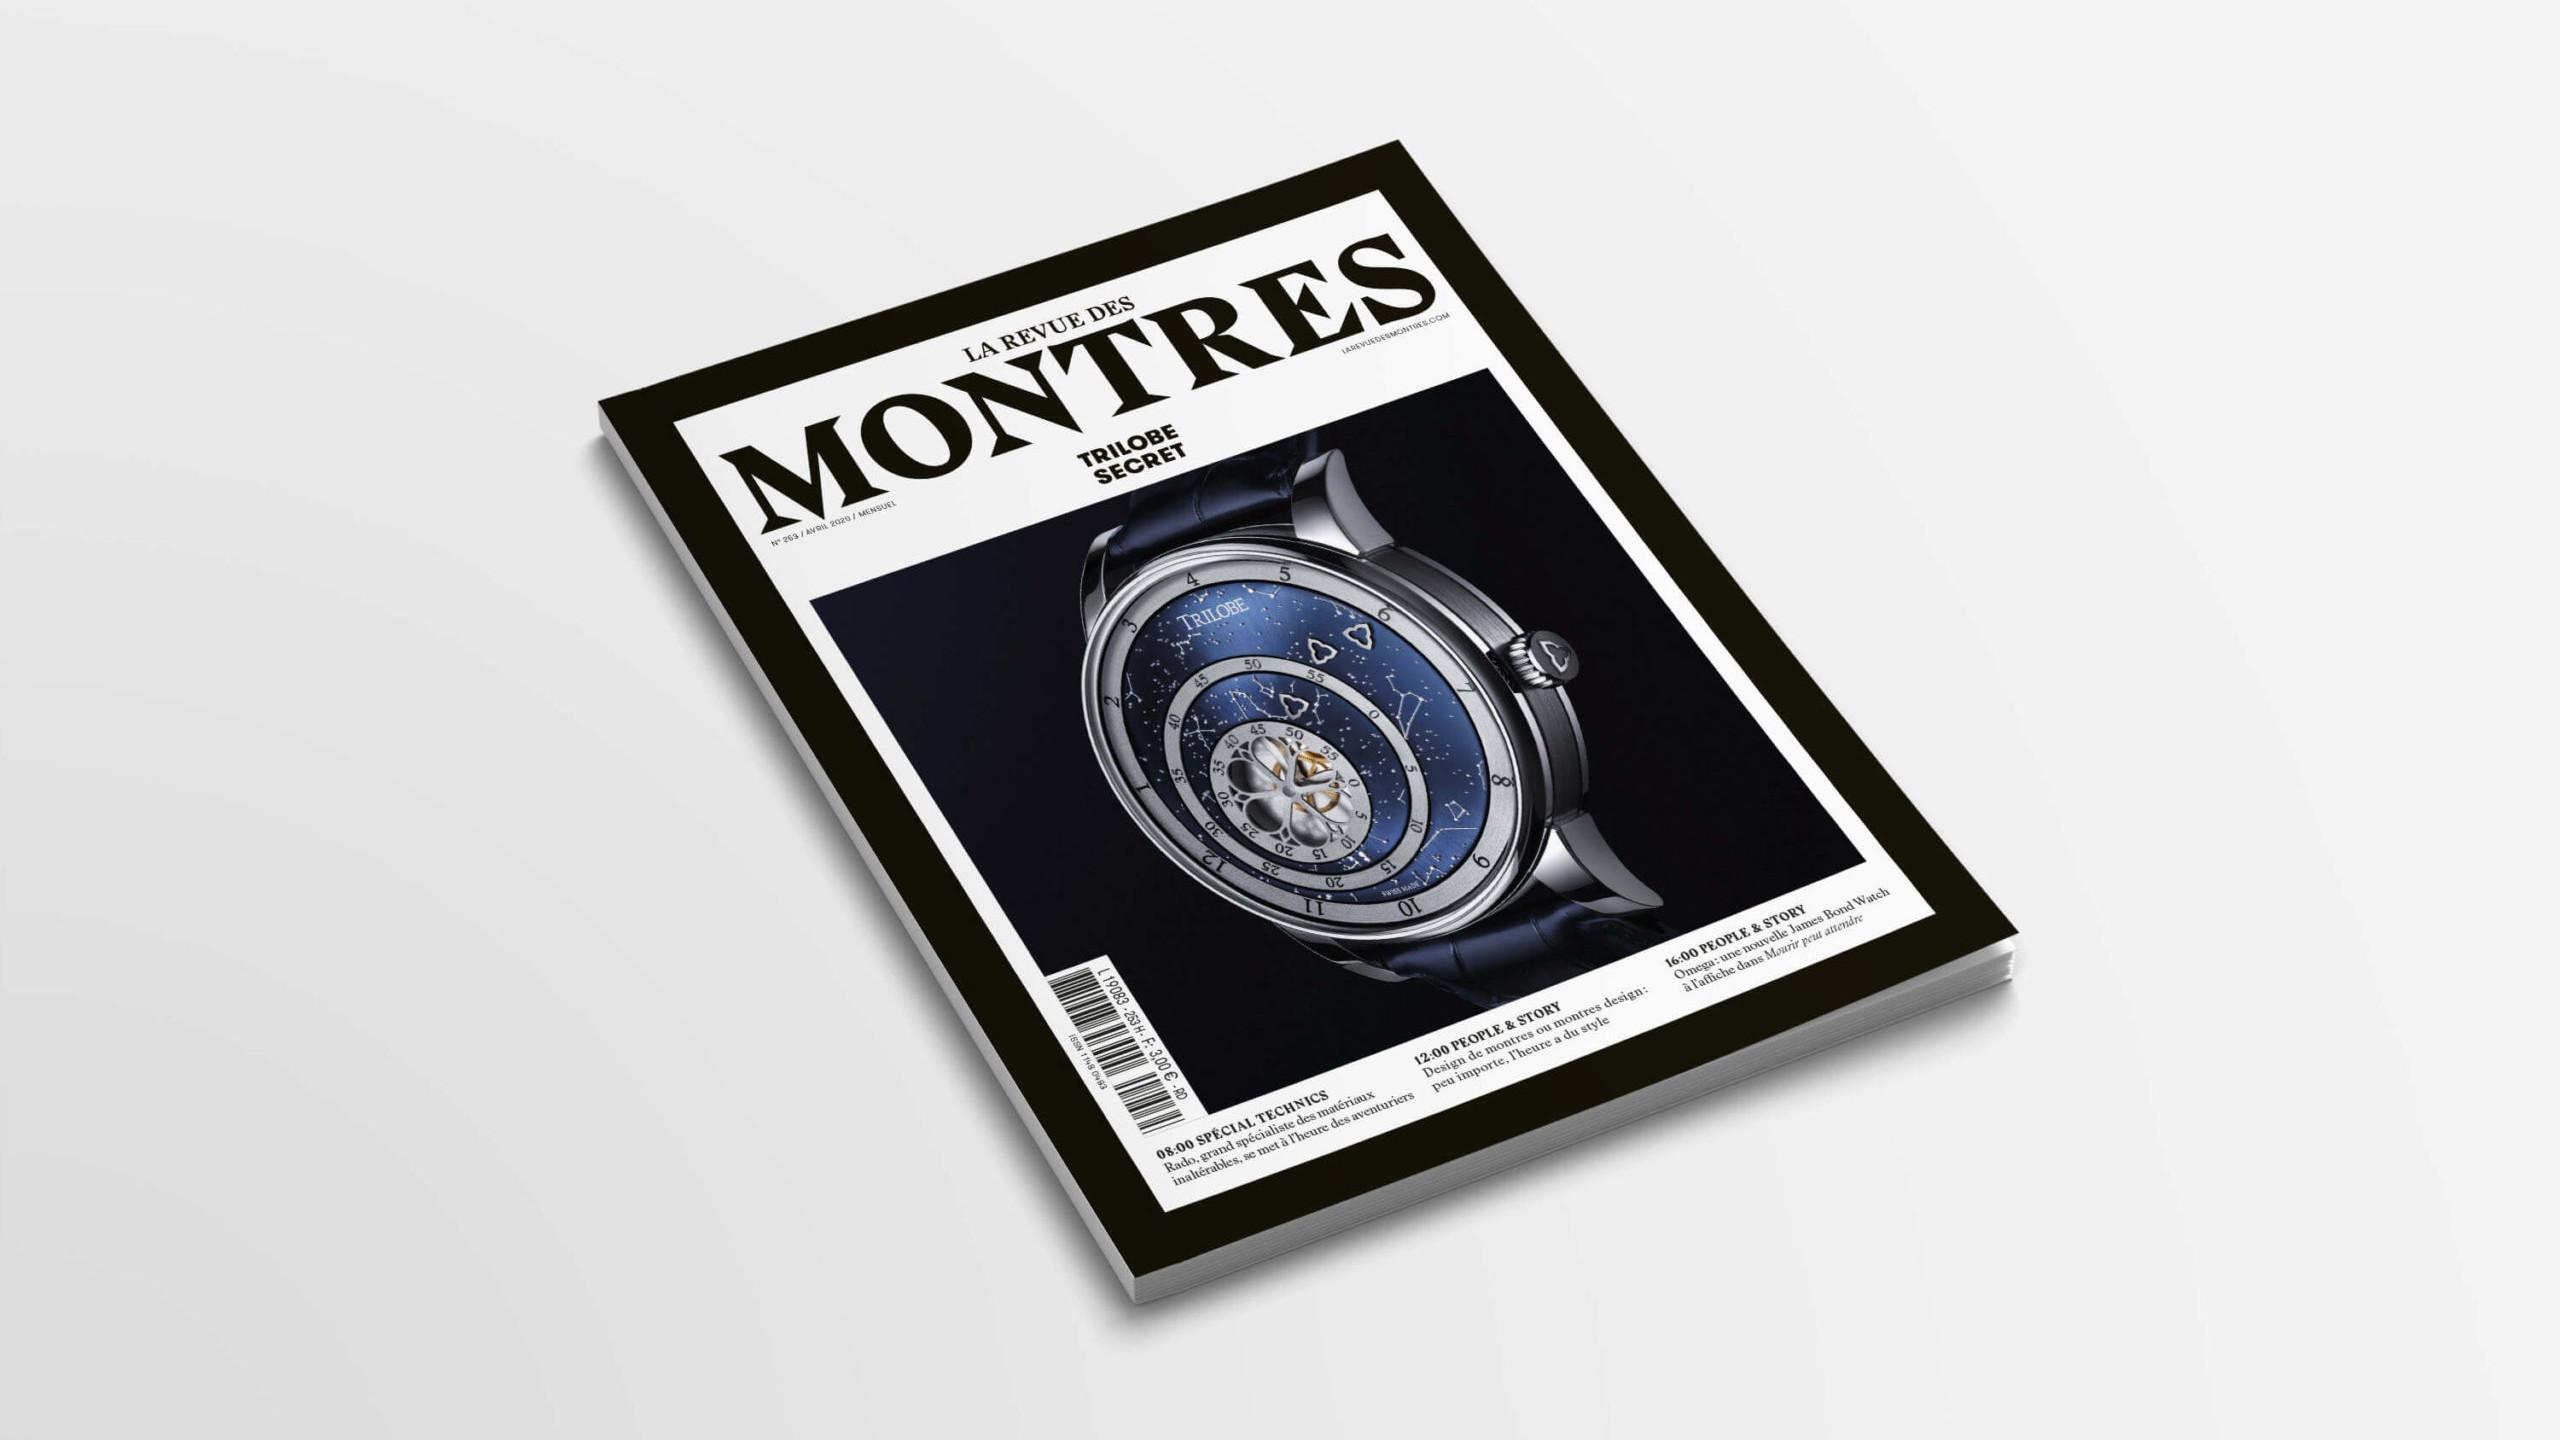 Article sur la marque de montres de luxe Trilobe dans la Revue des Montres